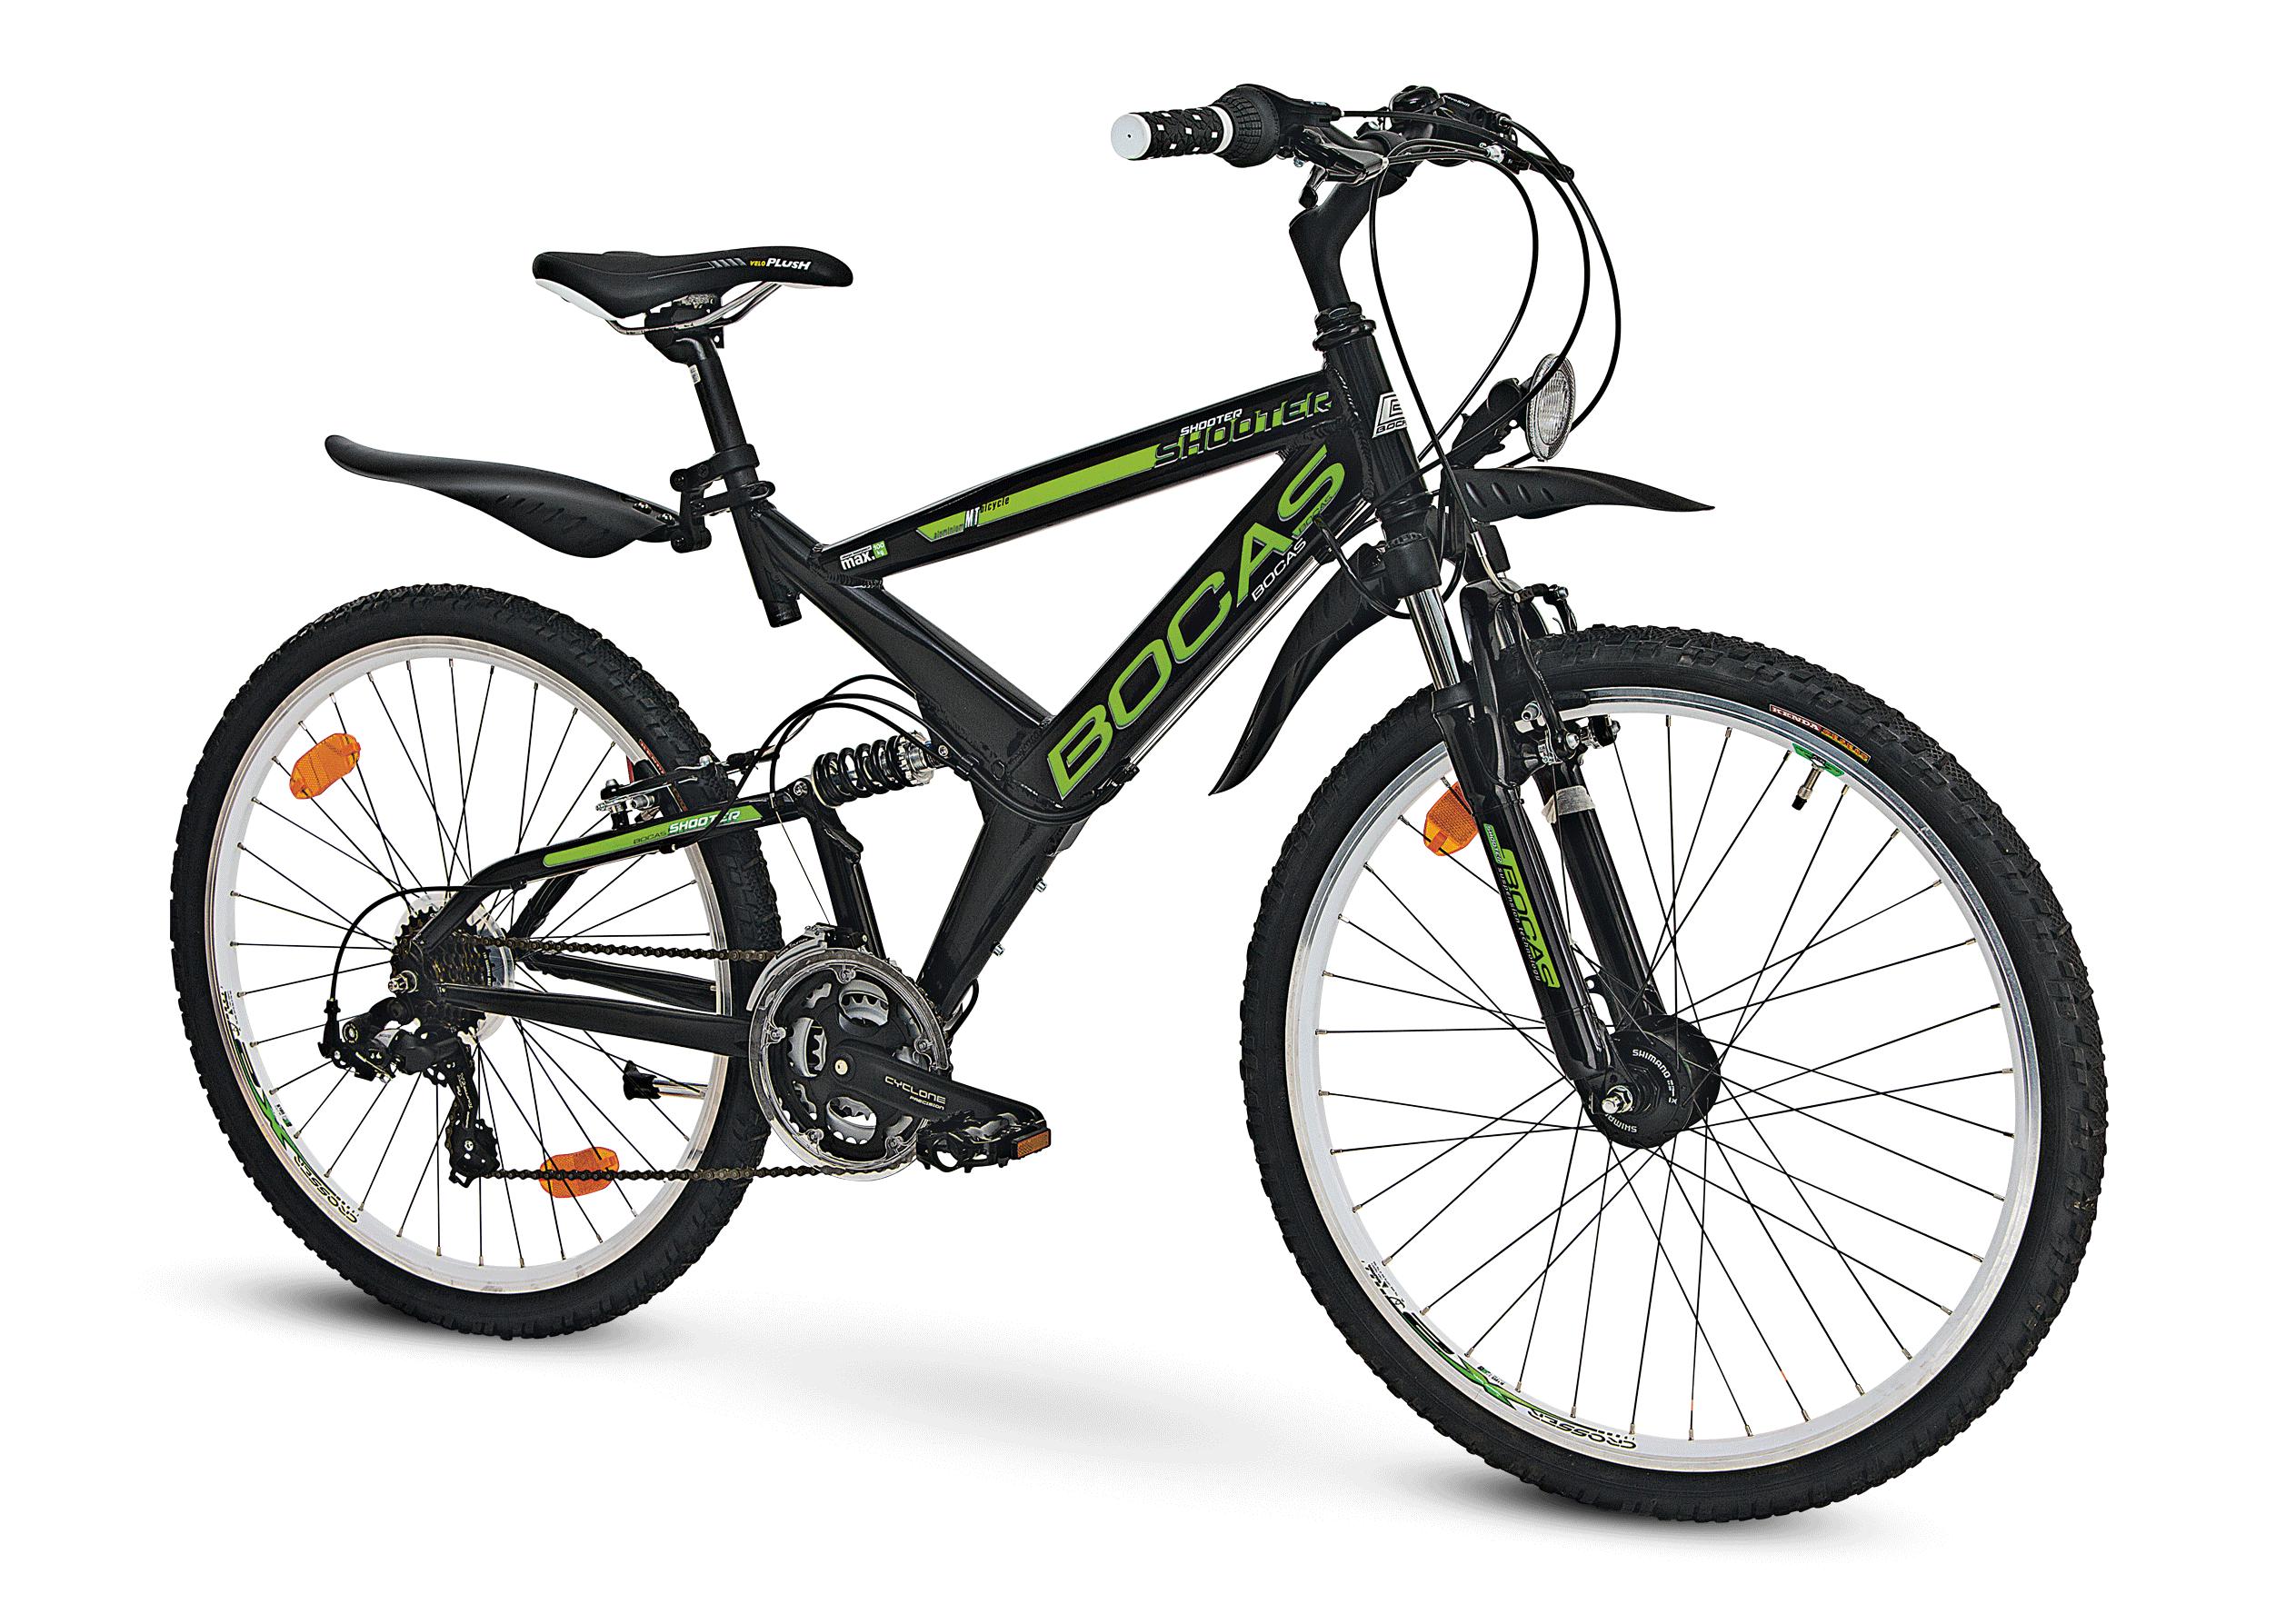 boc,mountainbike-in-schwarz,produktabbildung,solo,schatten,retusche,postproduktion